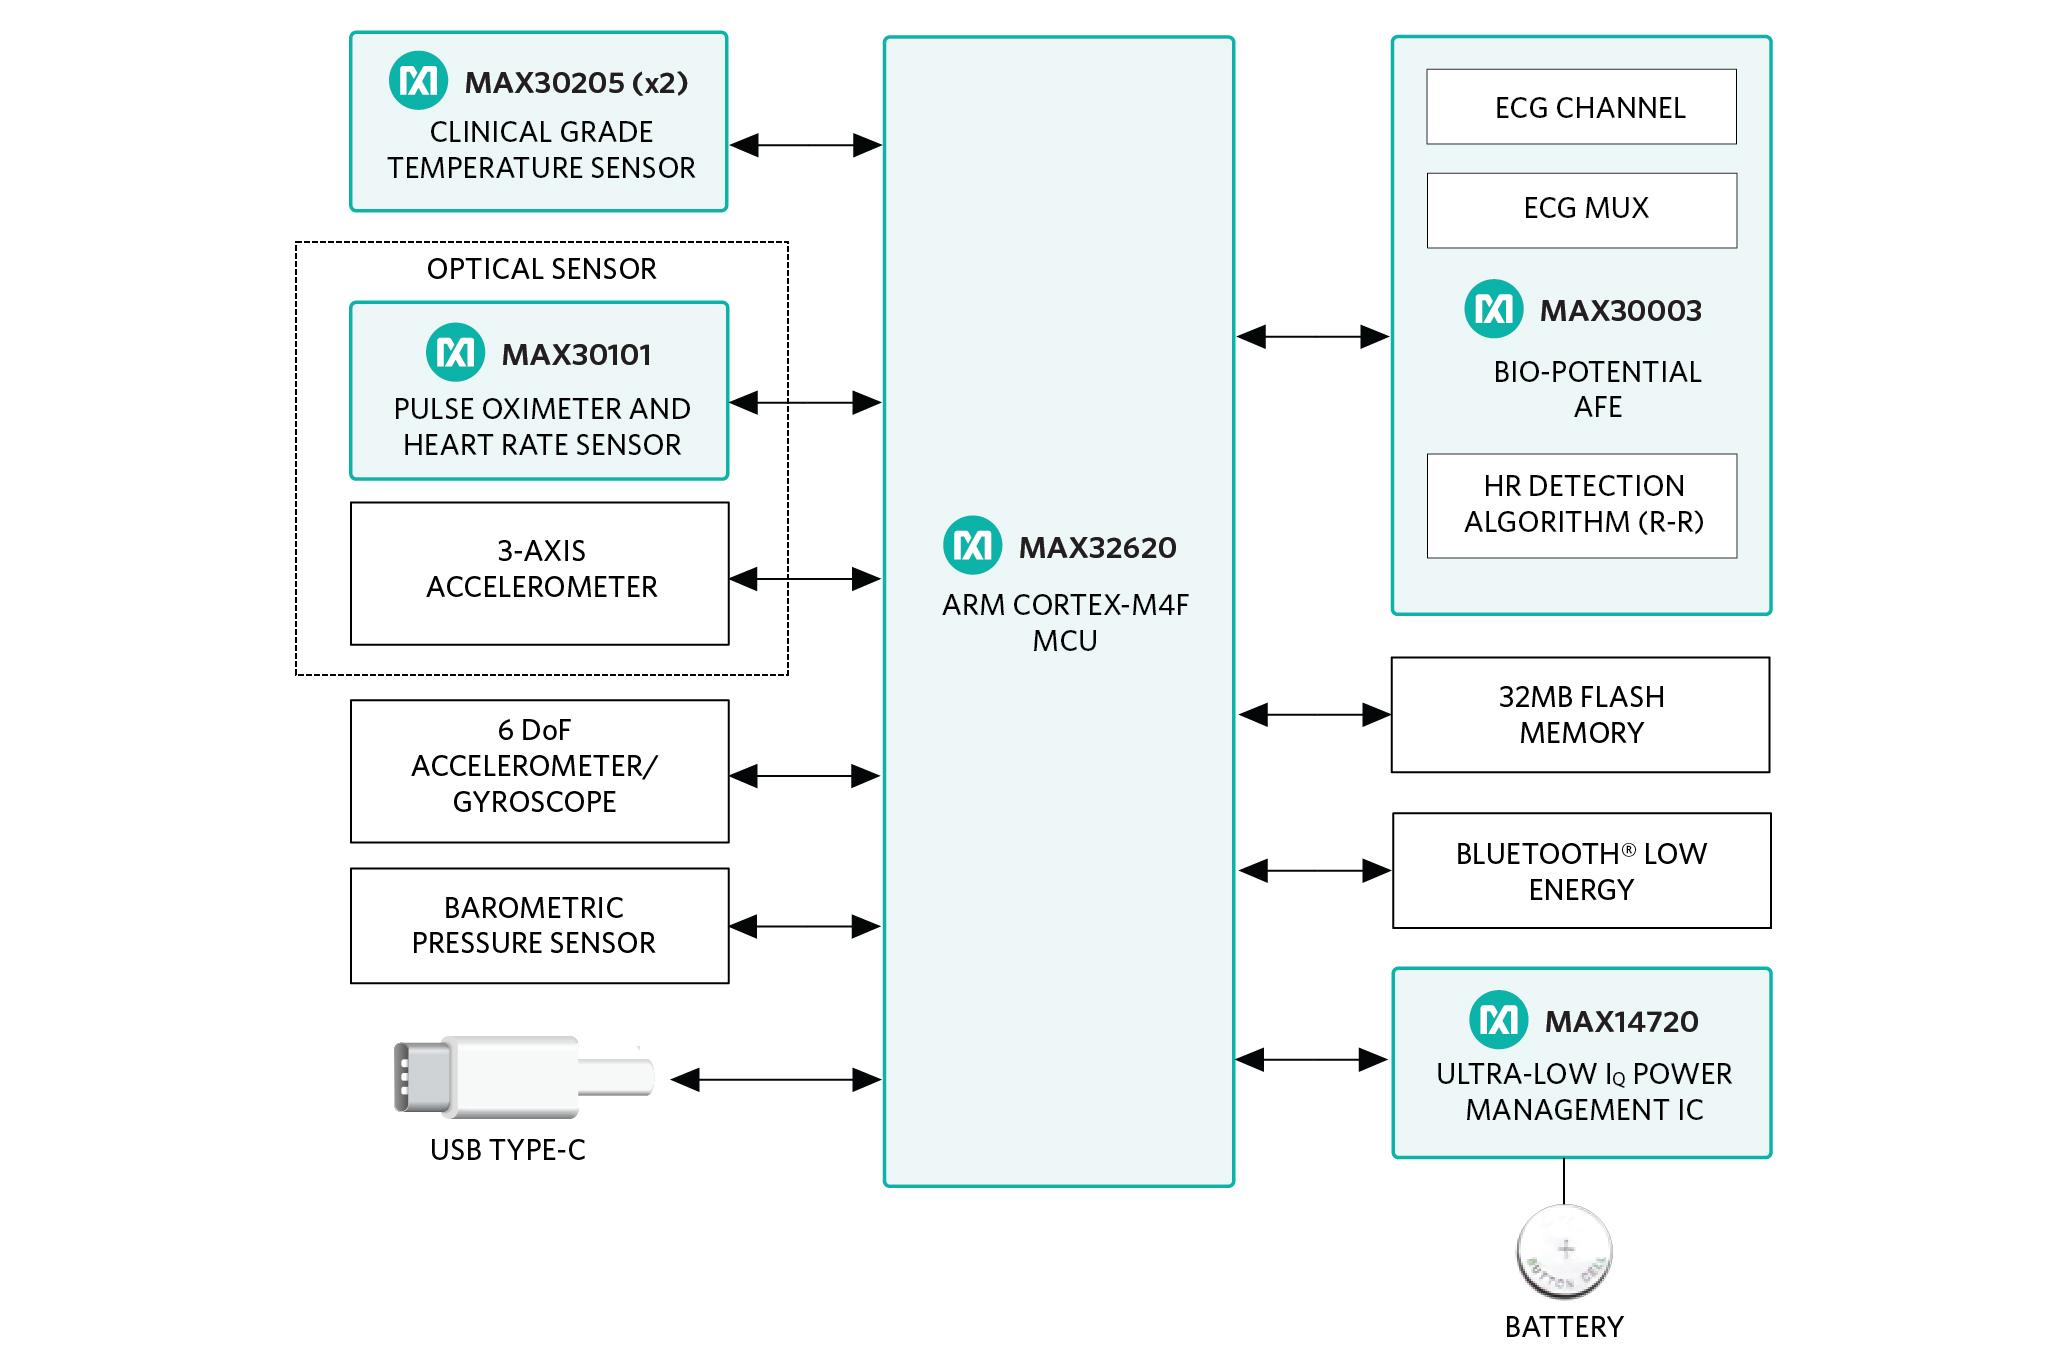 Maxims Ultra Small Hsensor Platform Enables Quick And Easy Design Block Diagram Key Advantages